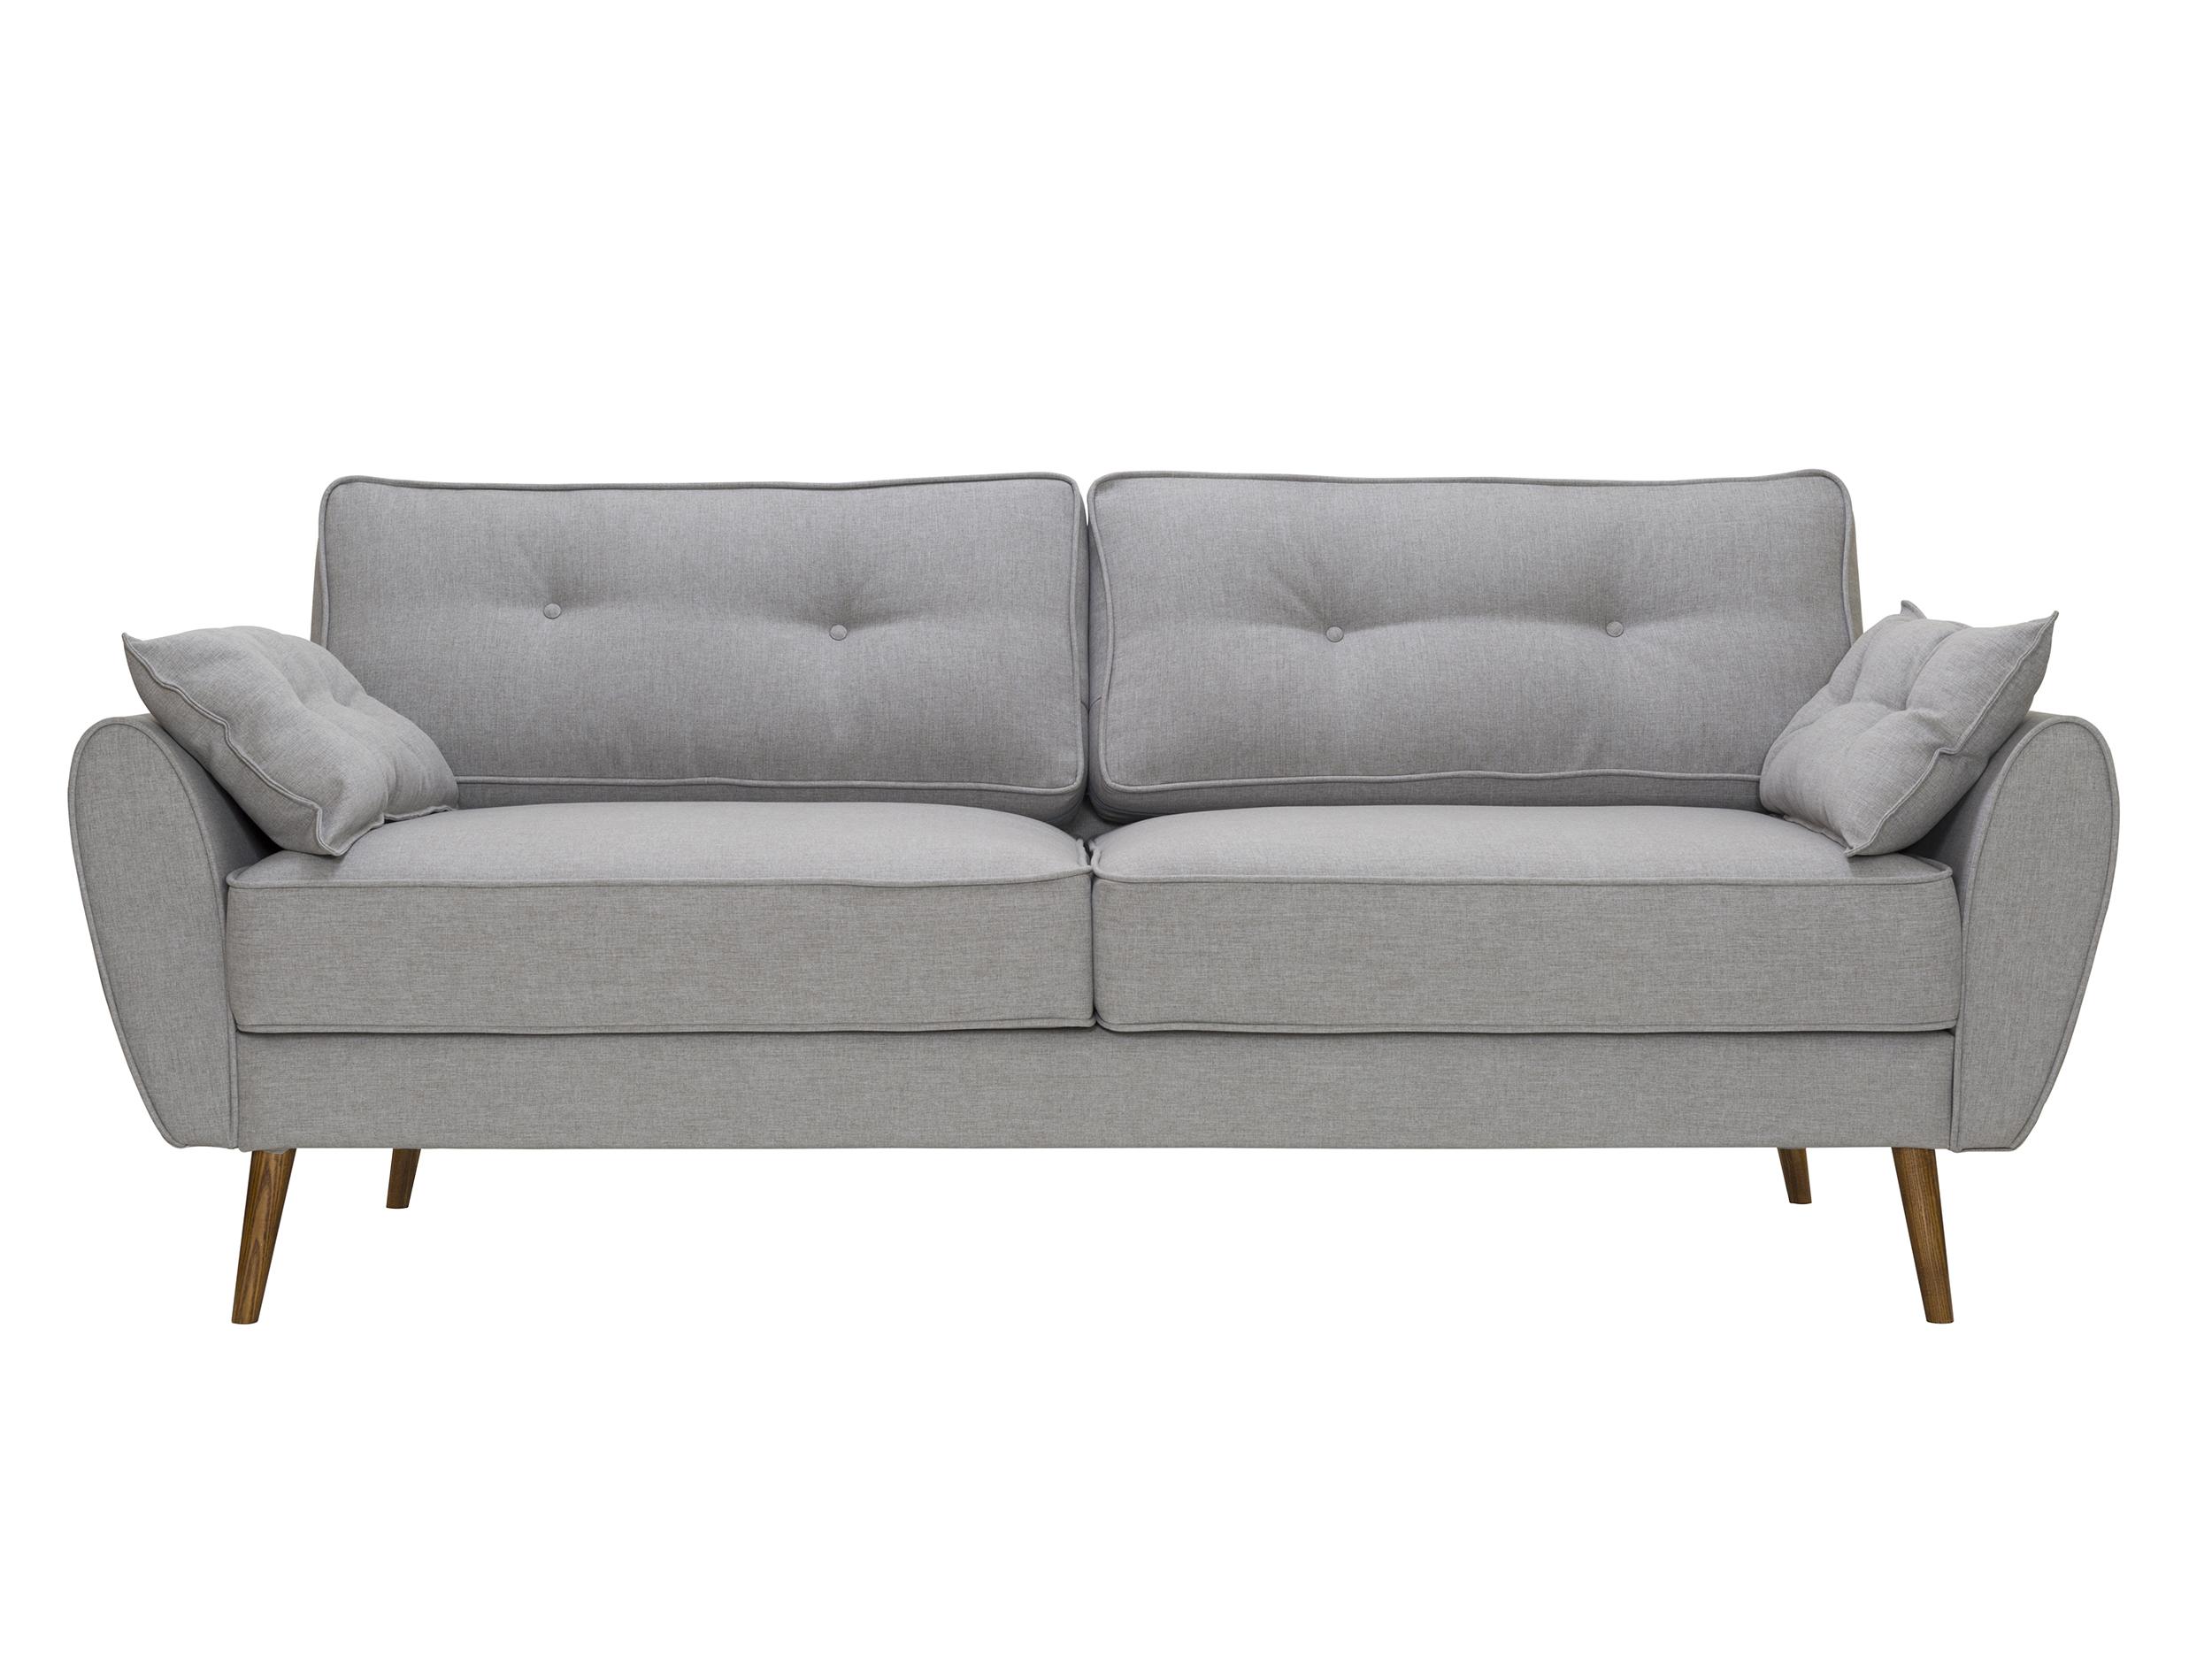 Диван VogueТрехместные диваны<br>&amp;lt;div&amp;gt;Современный диван с легким намеком на &amp;quot;ретро&amp;quot; идеально подойдет для городских квартир. У него скругленные подлокотники, упругие подушки и как раз та длина, чтобы вы могли вытянуться в полный рост. &amp;amp;nbsp;Но благодаря высоким ножкам &amp;quot;Vogue&amp;quot; выглядит лаконично и элегантно. Специально для этой серии наши стилисты подобрали 10 модных оттенков практичной рогожки.&amp;amp;nbsp;&amp;lt;br&amp;gt;&amp;lt;/div&amp;gt;&amp;lt;div&amp;gt;&amp;lt;br&amp;gt;&amp;lt;/div&amp;gt;Корпус: фанера, брус&amp;lt;div&amp;gt;Ткань 100% полиэстер, 30-50 000 циклов&amp;lt;/div&amp;gt;&amp;lt;div&amp;gt;Ножки (Дерево)&amp;lt;/div&amp;gt;&amp;lt;div&amp;gt;Еcть возможность изготовления в другом материале обивки&amp;lt;/div&amp;gt;<br><br>Material: Текстиль<br>Length см: None<br>Width см: 226<br>Depth см: 91<br>Height см: 88